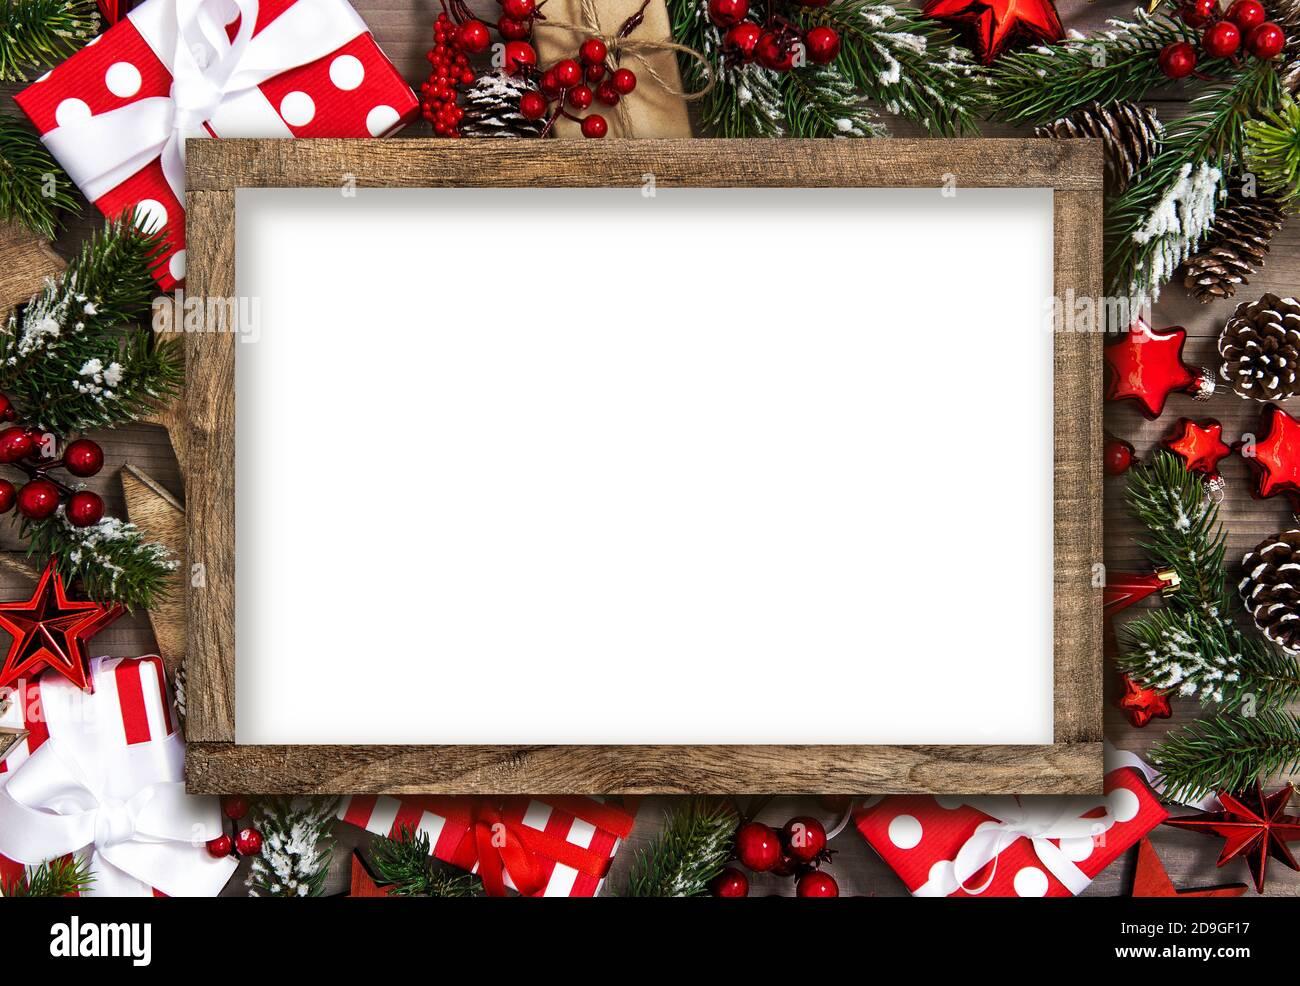 Modello di mockup del telaio. Natale decorazione confezione regalo stelle rosse e ornamenti Foto Stock